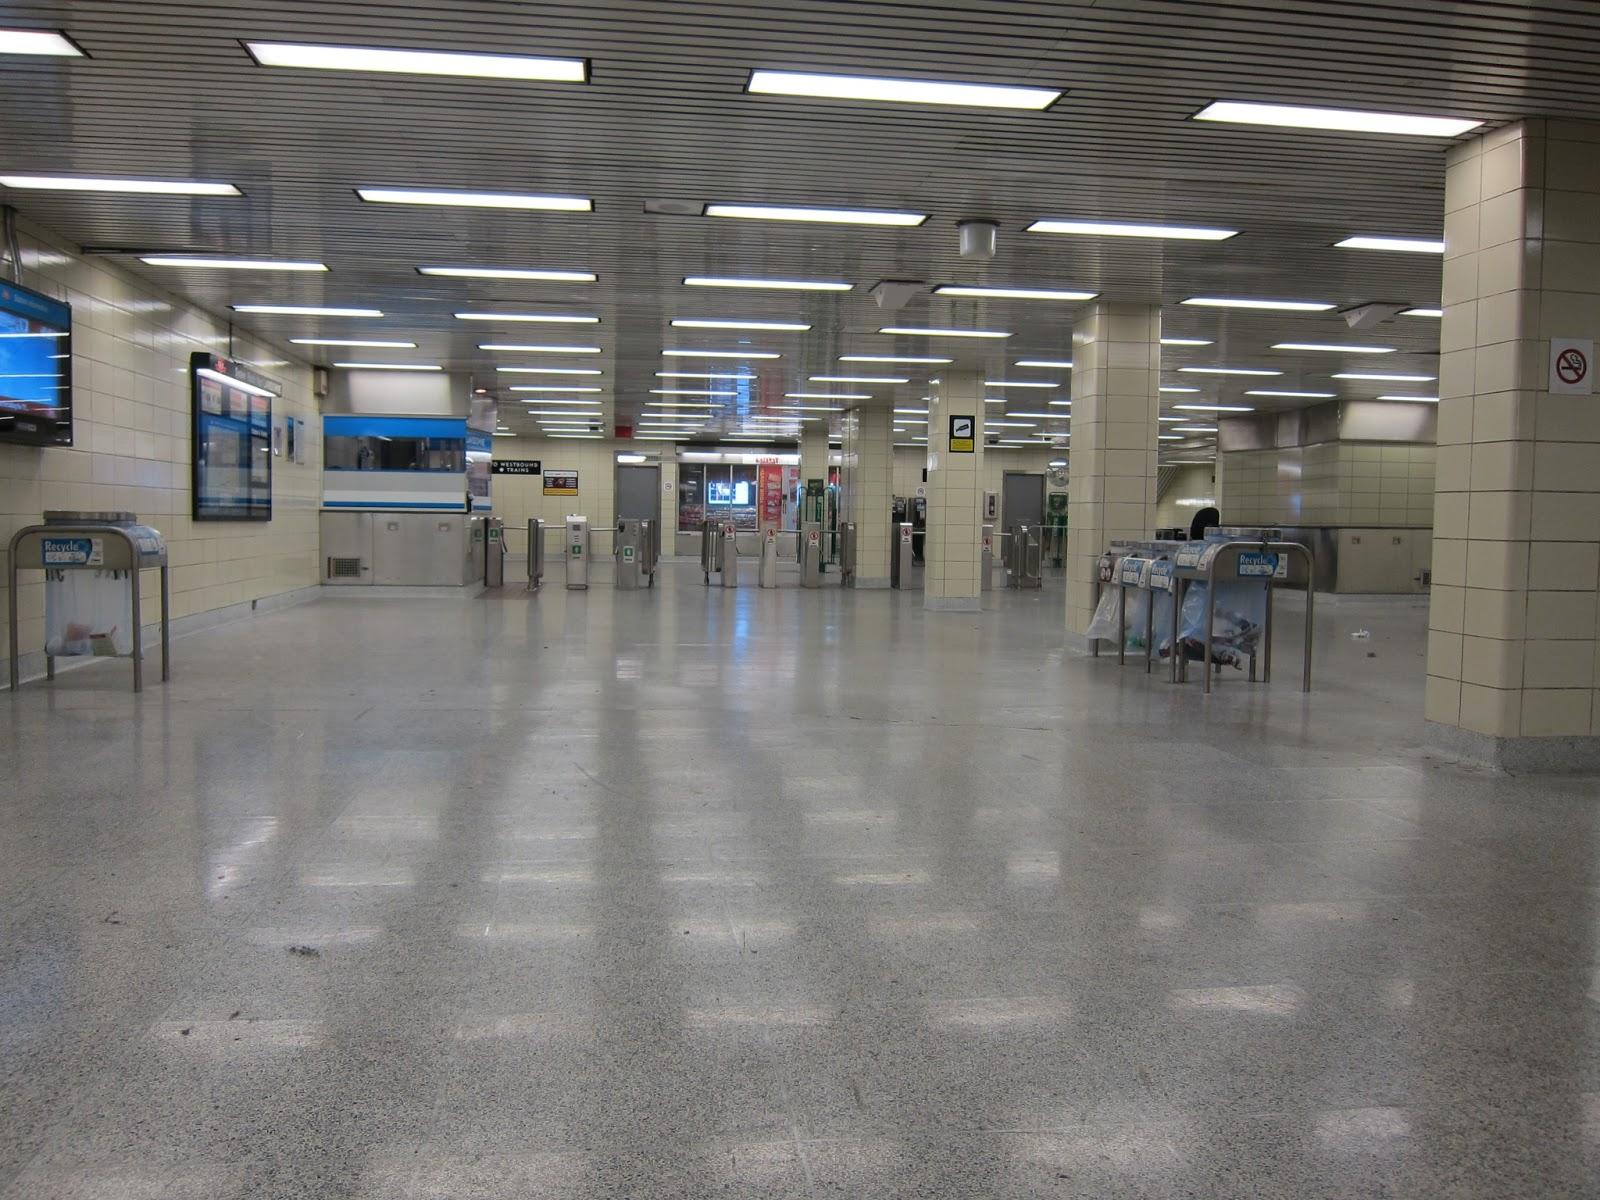 Lasndowne concourse